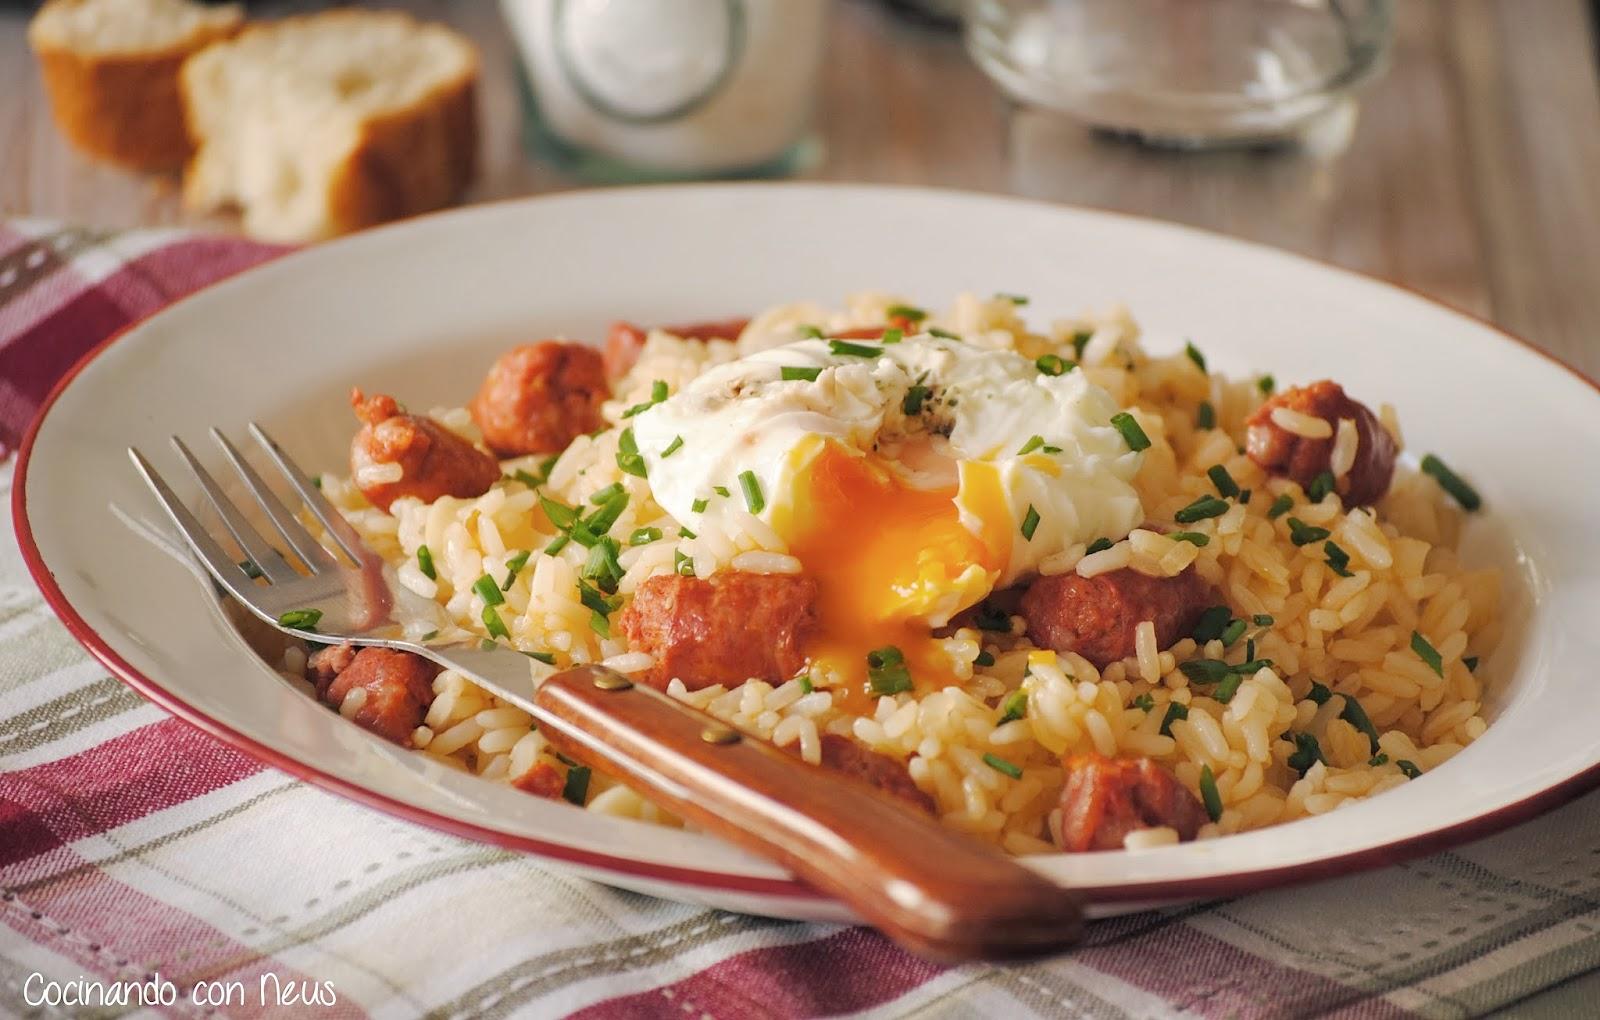 Arroz salteado con chistorra y huevo poché-cocinando-con-neus